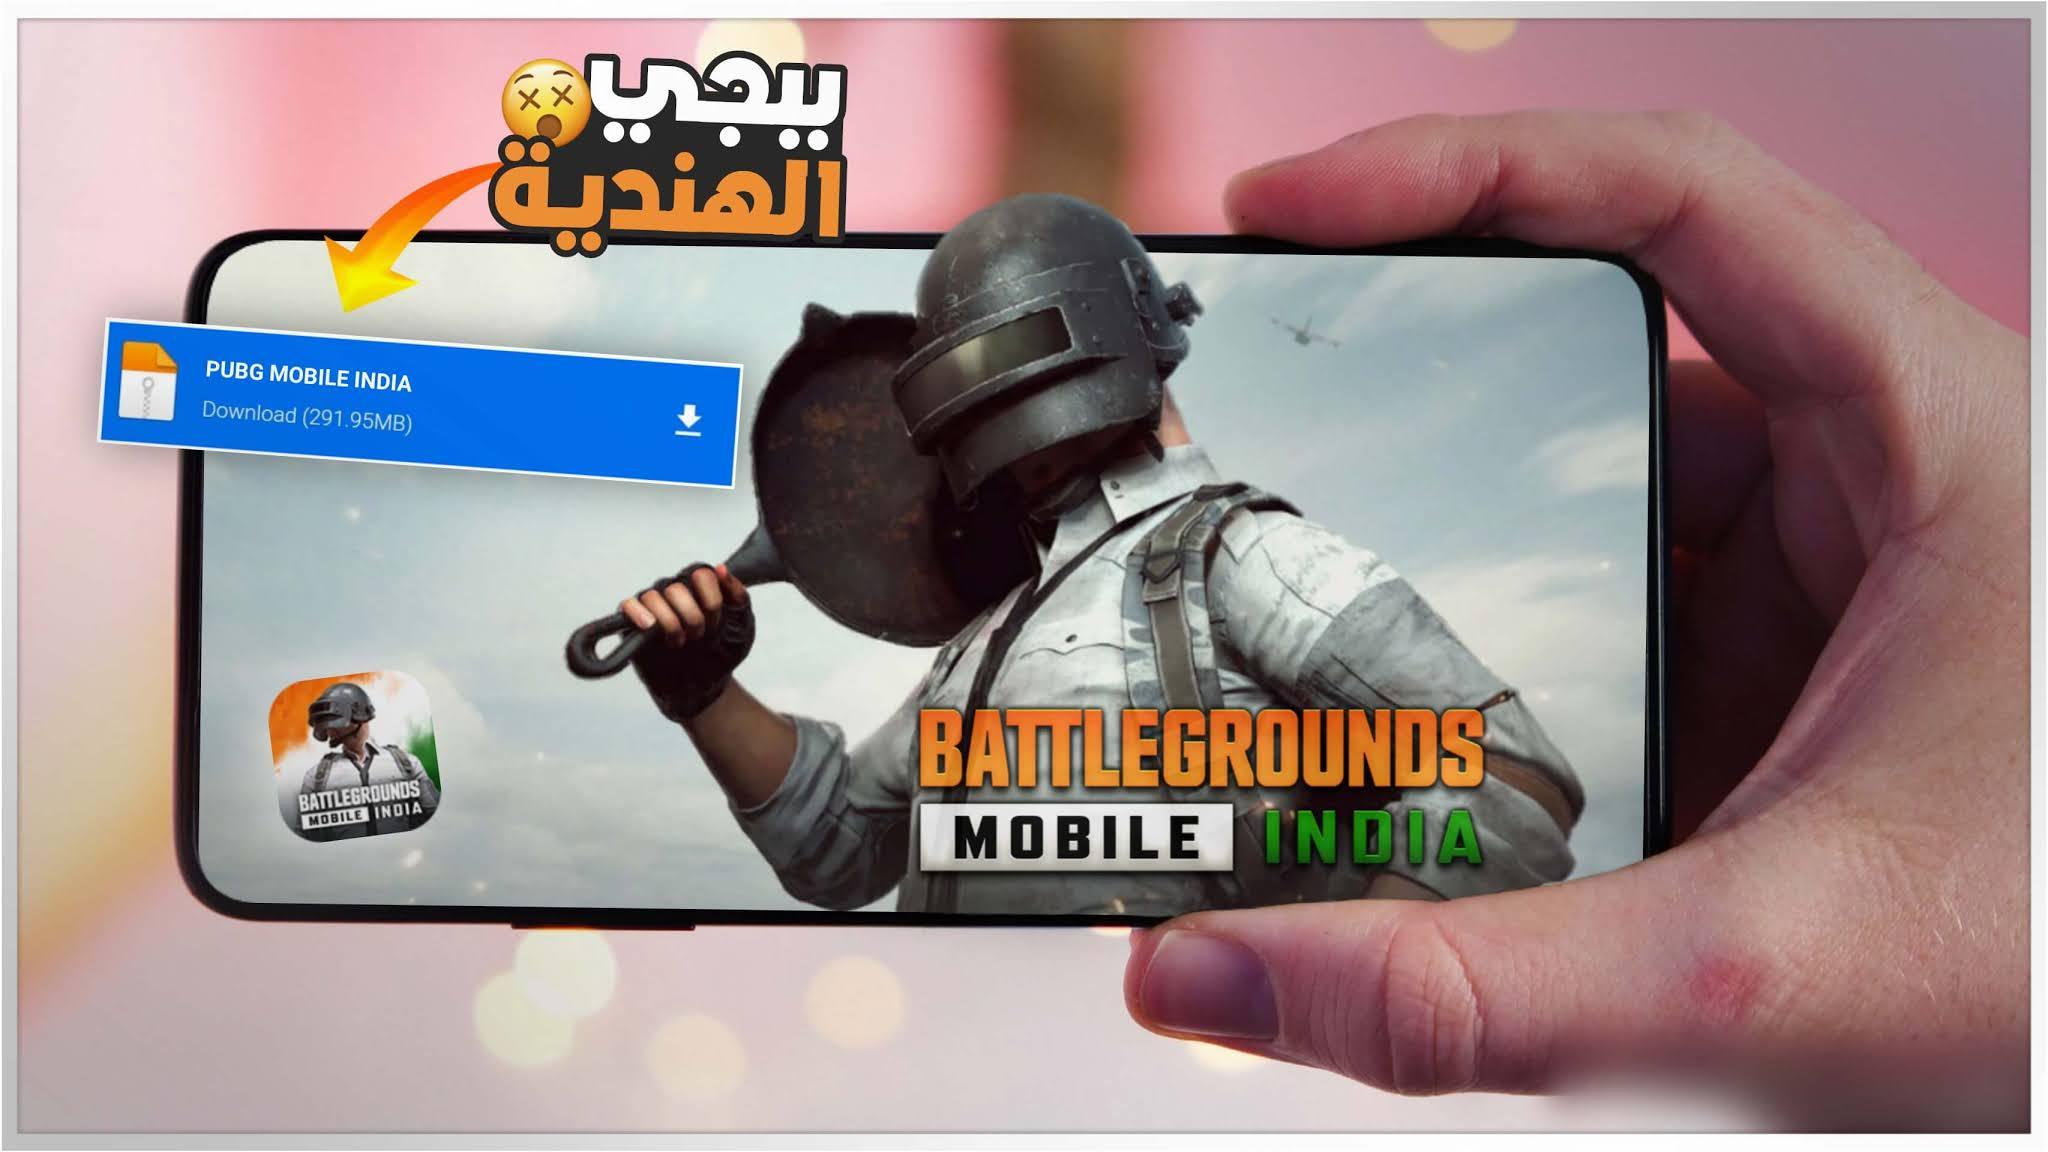 واخيرا تحميل لعبة ببجي الهندية للاندرويد من ميديافايربحجم صغير 70MB فقط   Battlegrounds Mobile India